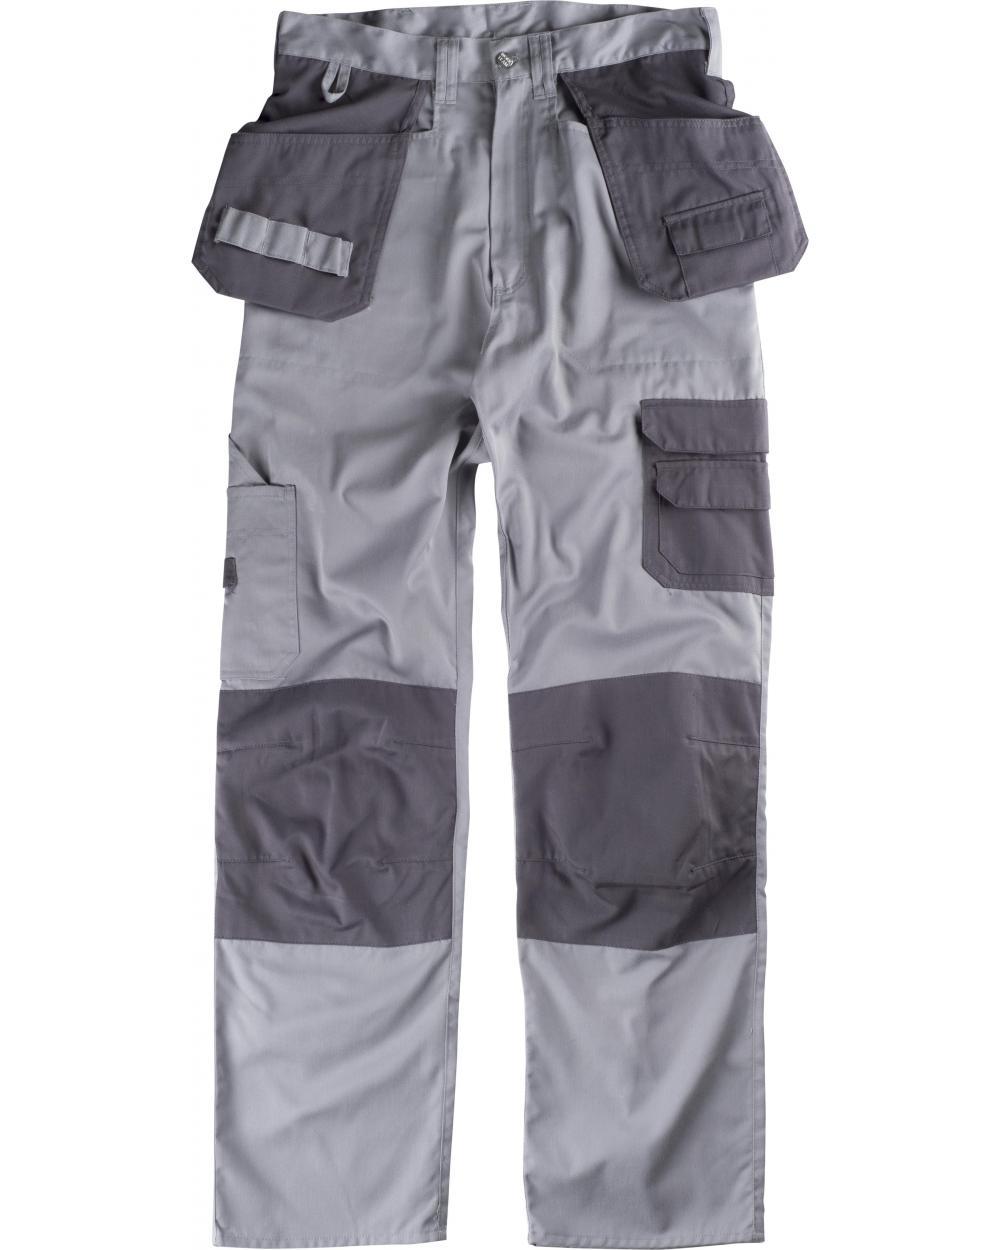 Comprar Pantalon con refuerzos B1419 Gris Claro+Gris Oscuro workteam delante